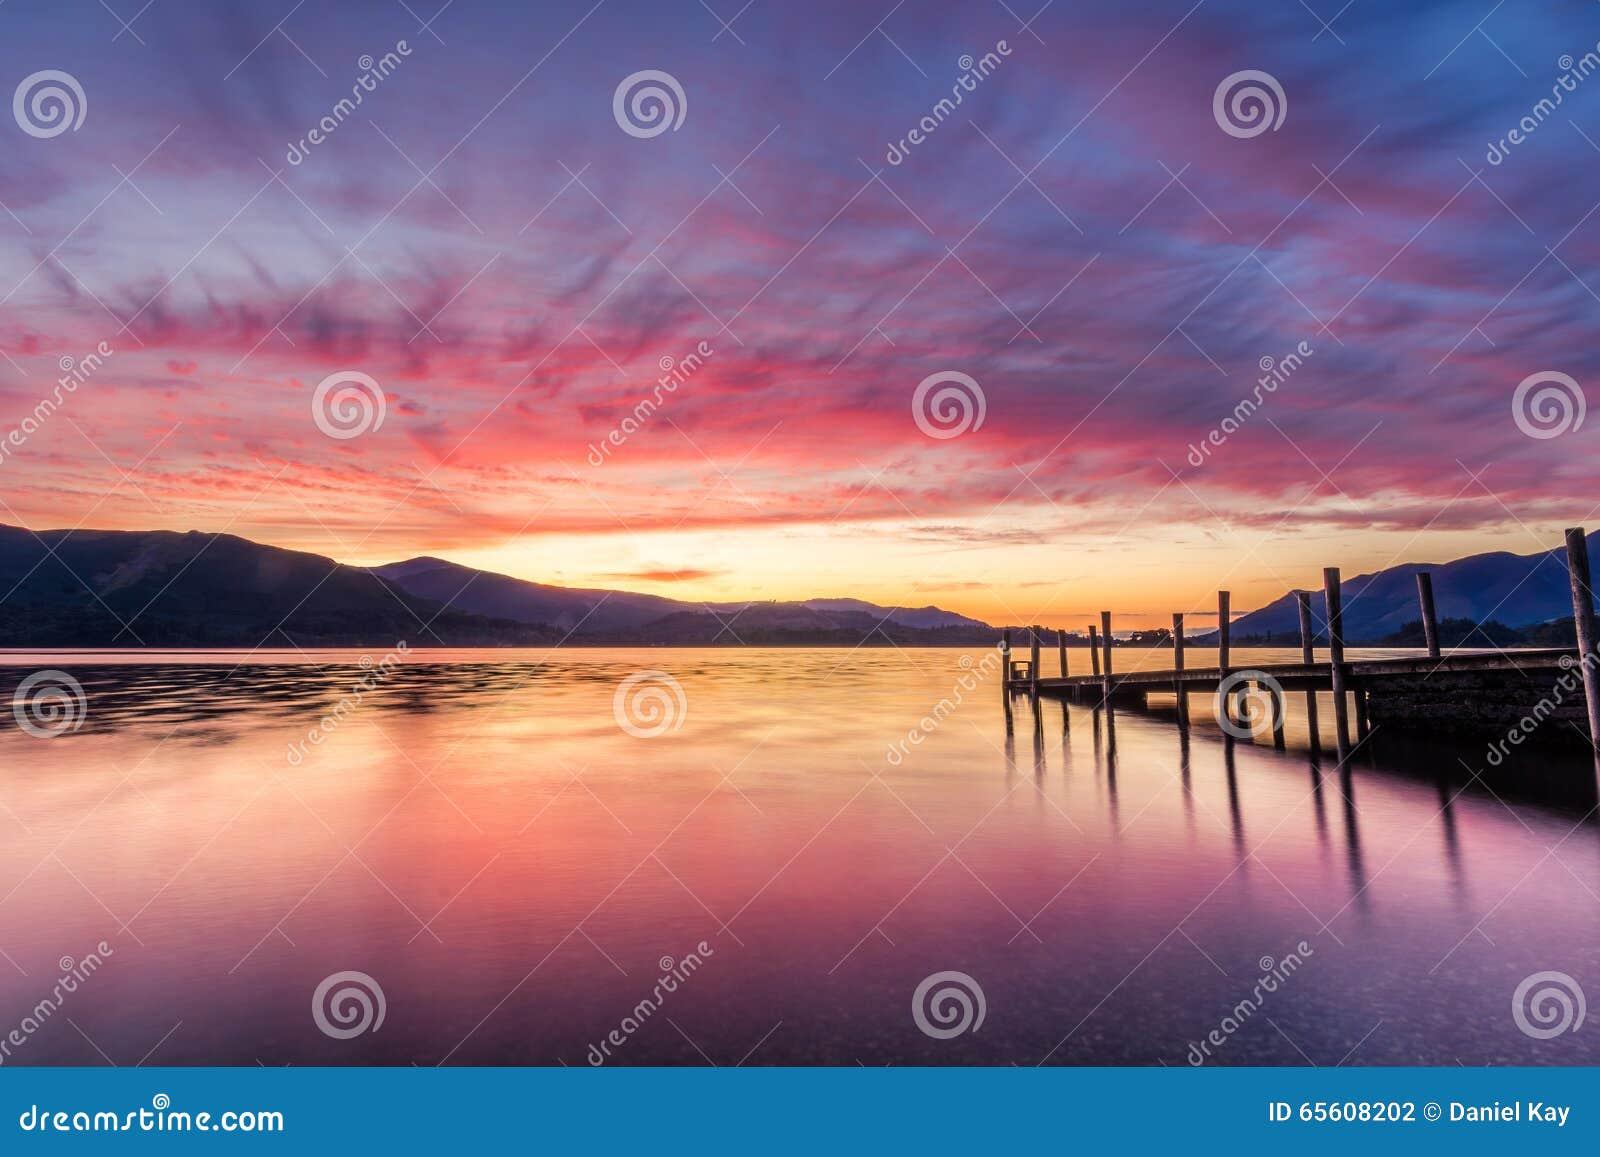 Erstaunlicher vibrierender Sonnenuntergang an Ashness-Anlegestelle in Keswick, der See-Bezirk, Großbritannien